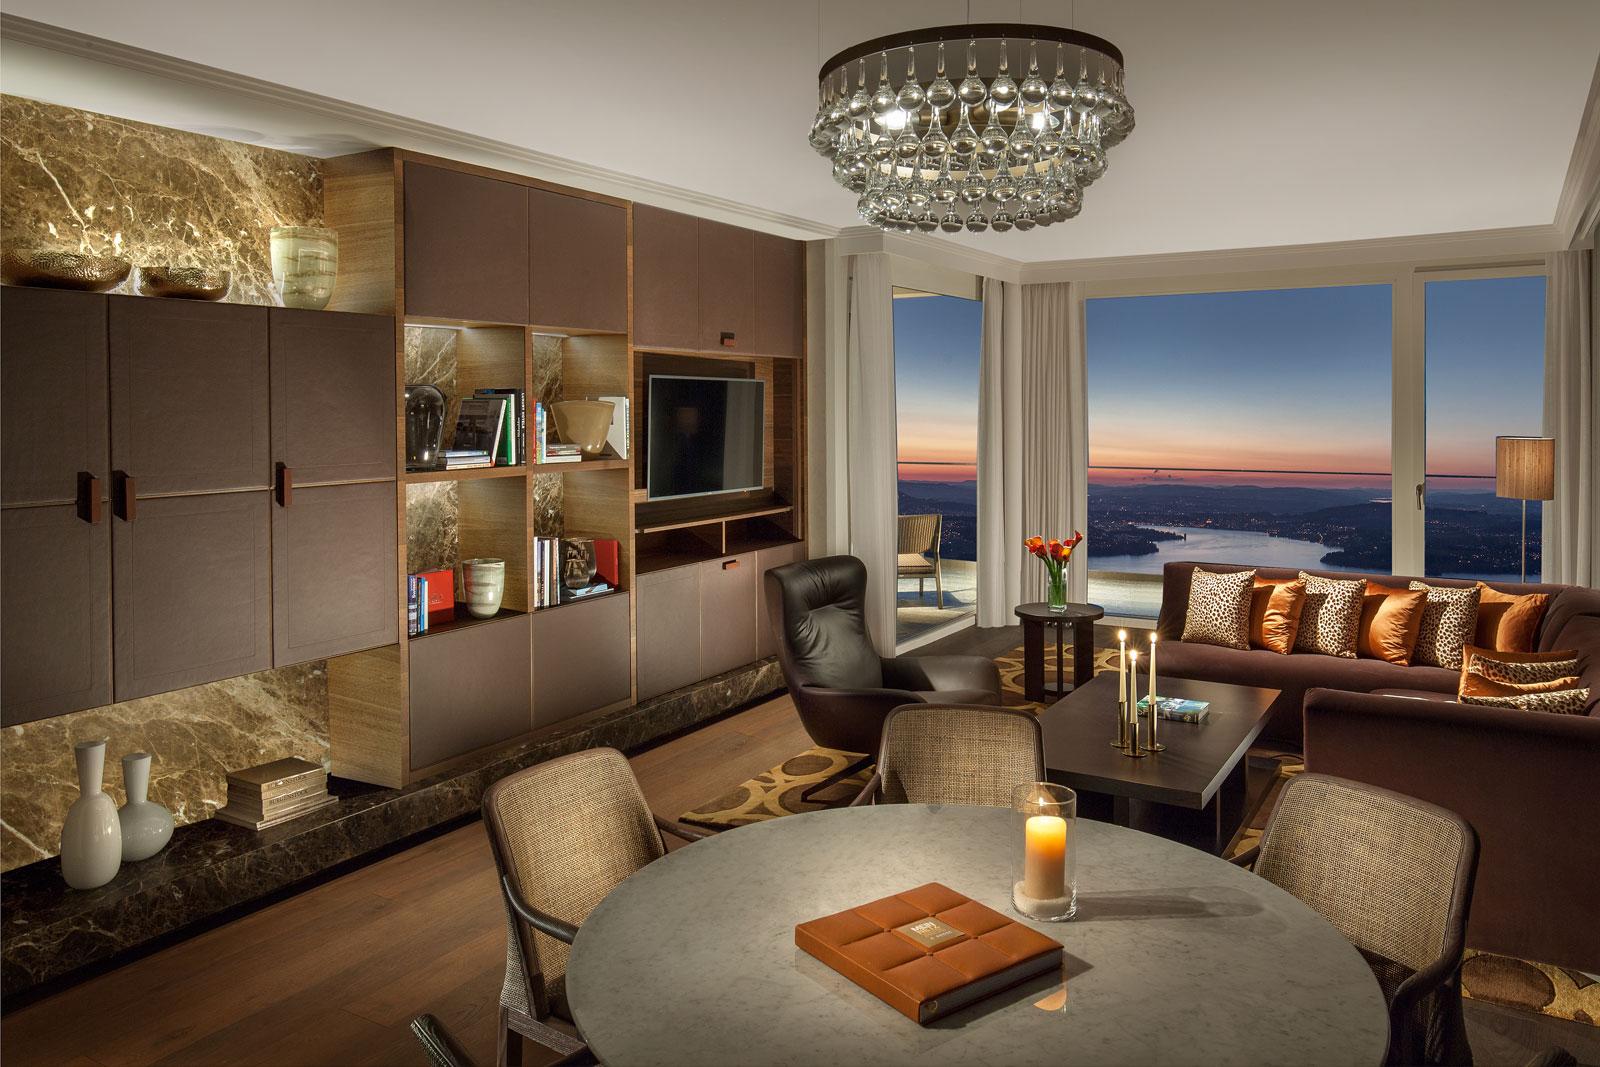 Bürgenstock Hotels & Resort - A Discreet Luxury Mountain Hideaway 12